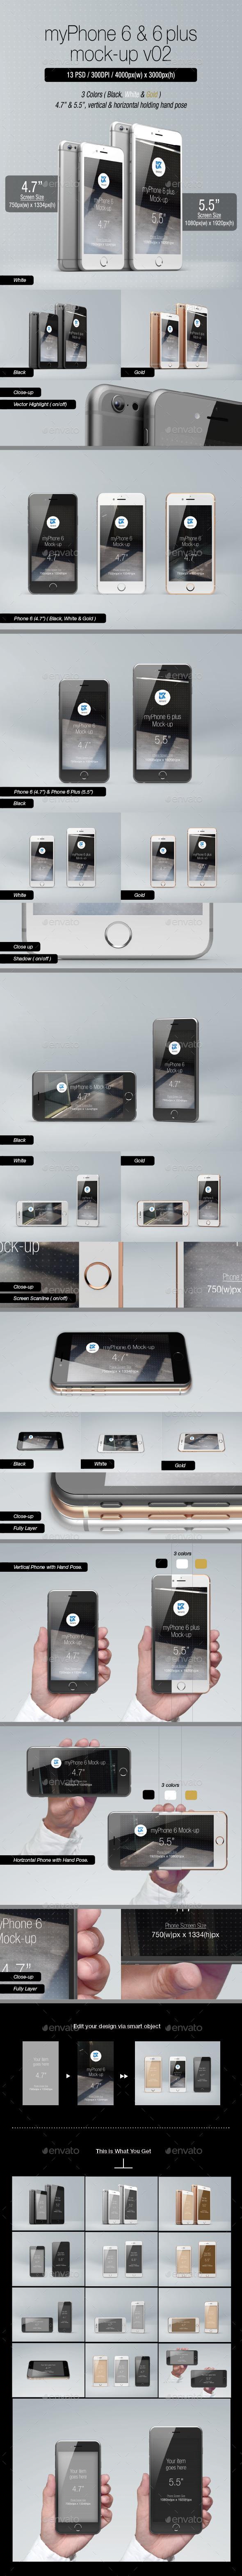 myPhone 6 Mock-up v02 - Mobile Displays